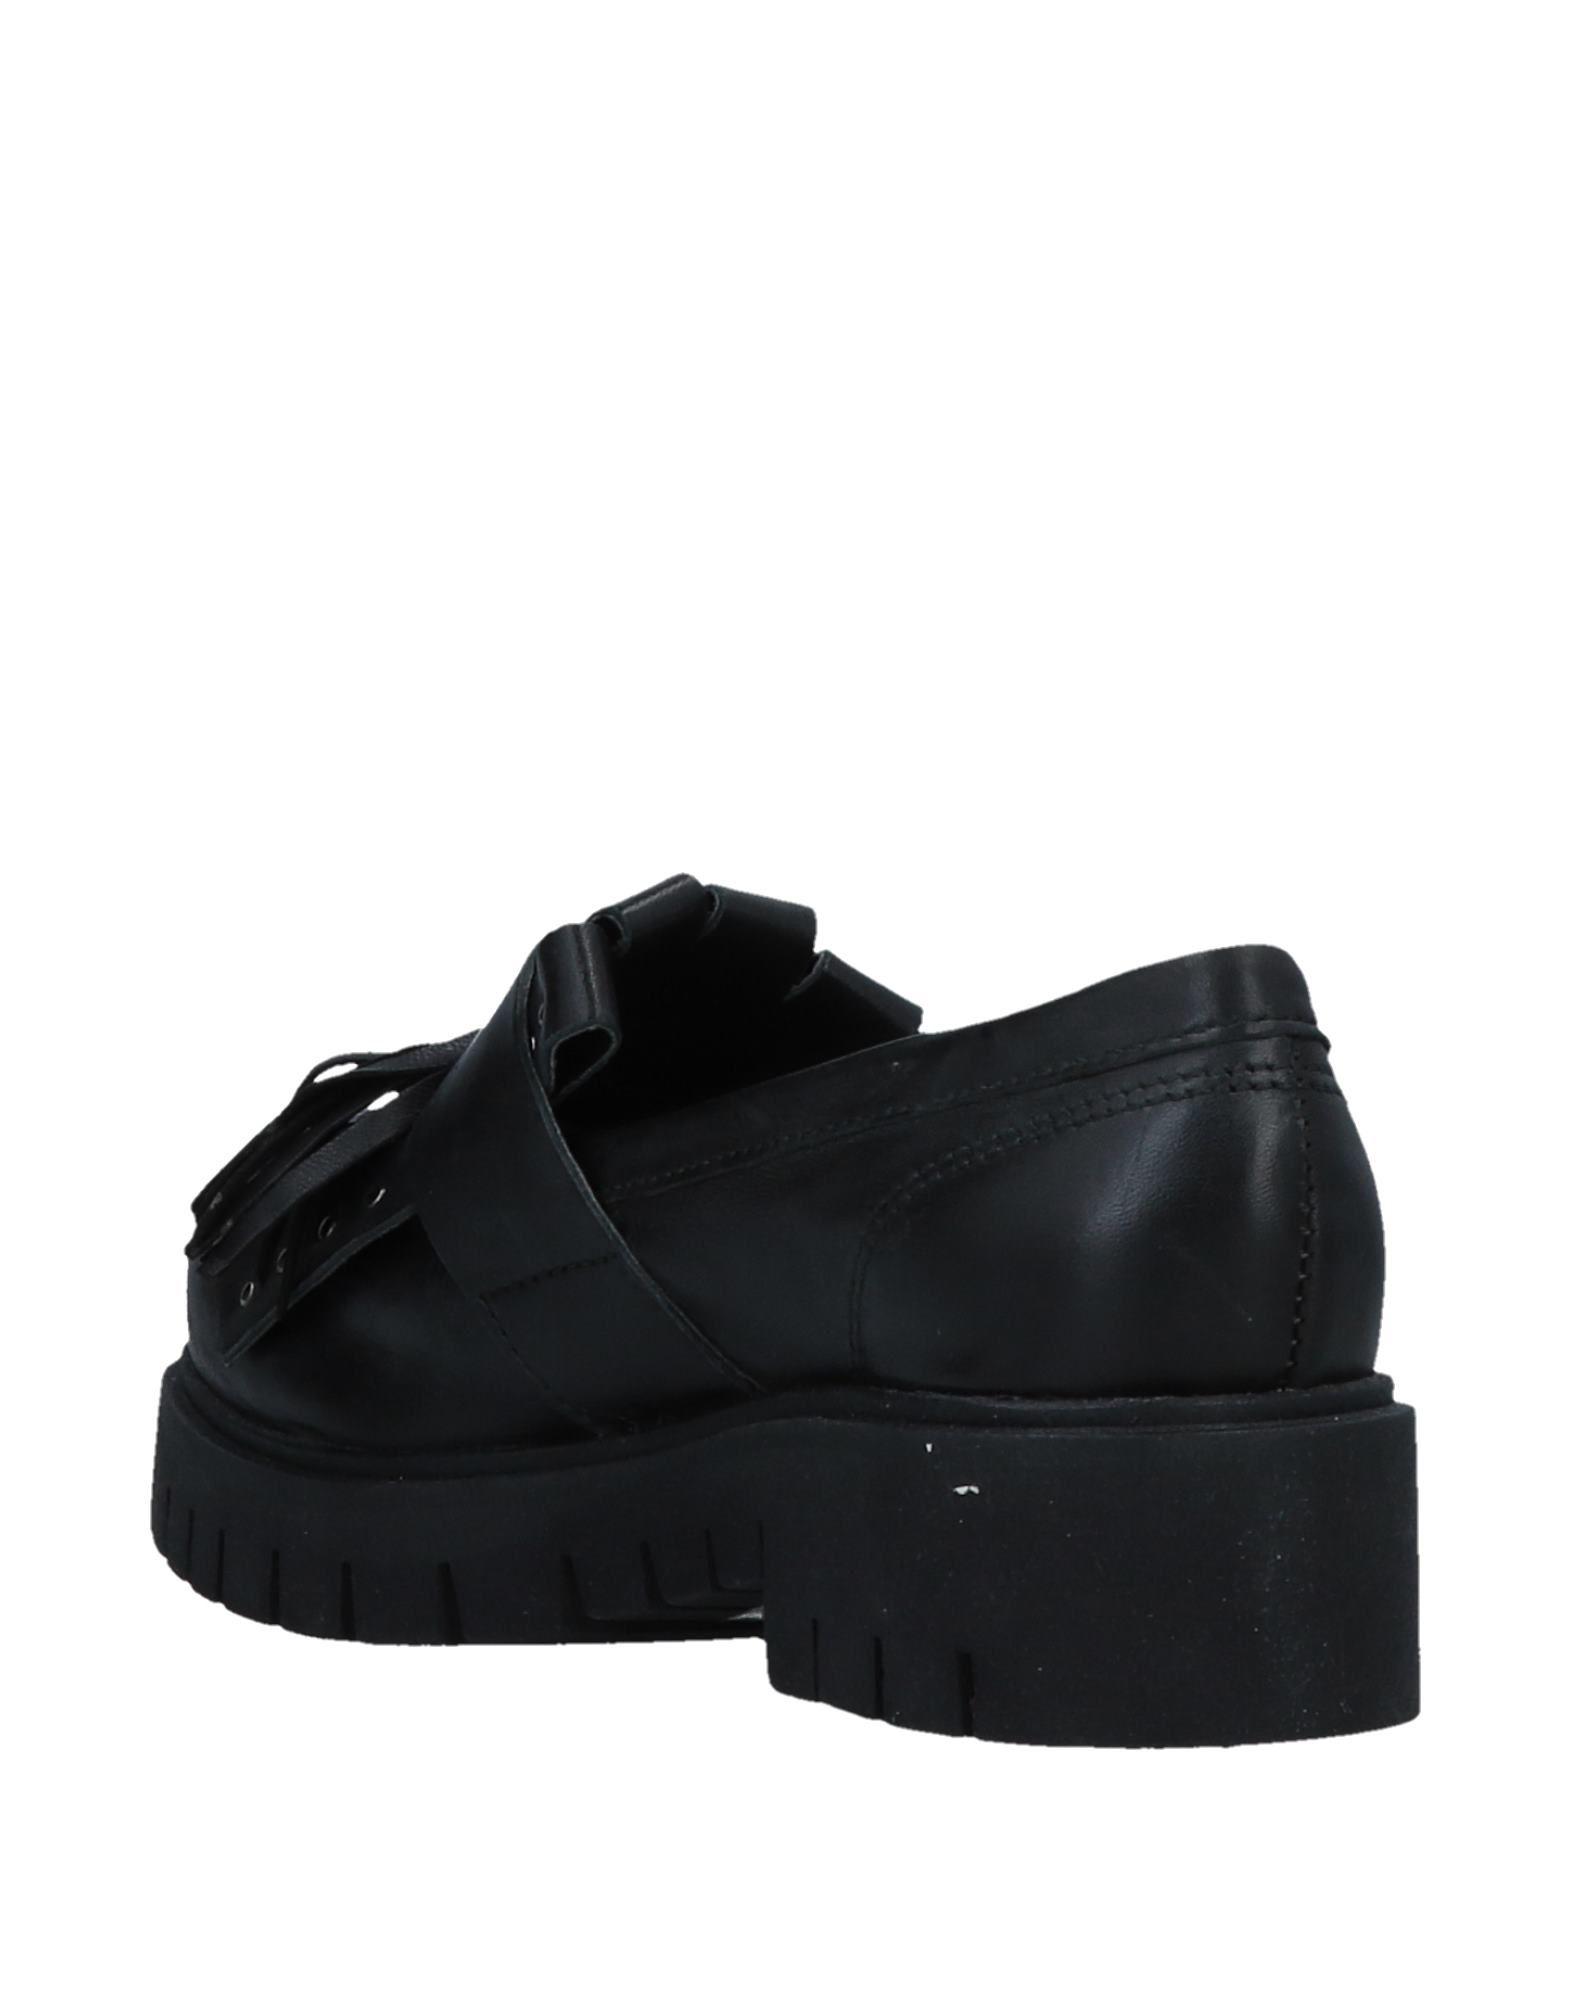 Bagatt Mokassins Damen  beliebte 11510576TT Gute Qualität beliebte  Schuhe 259d6d